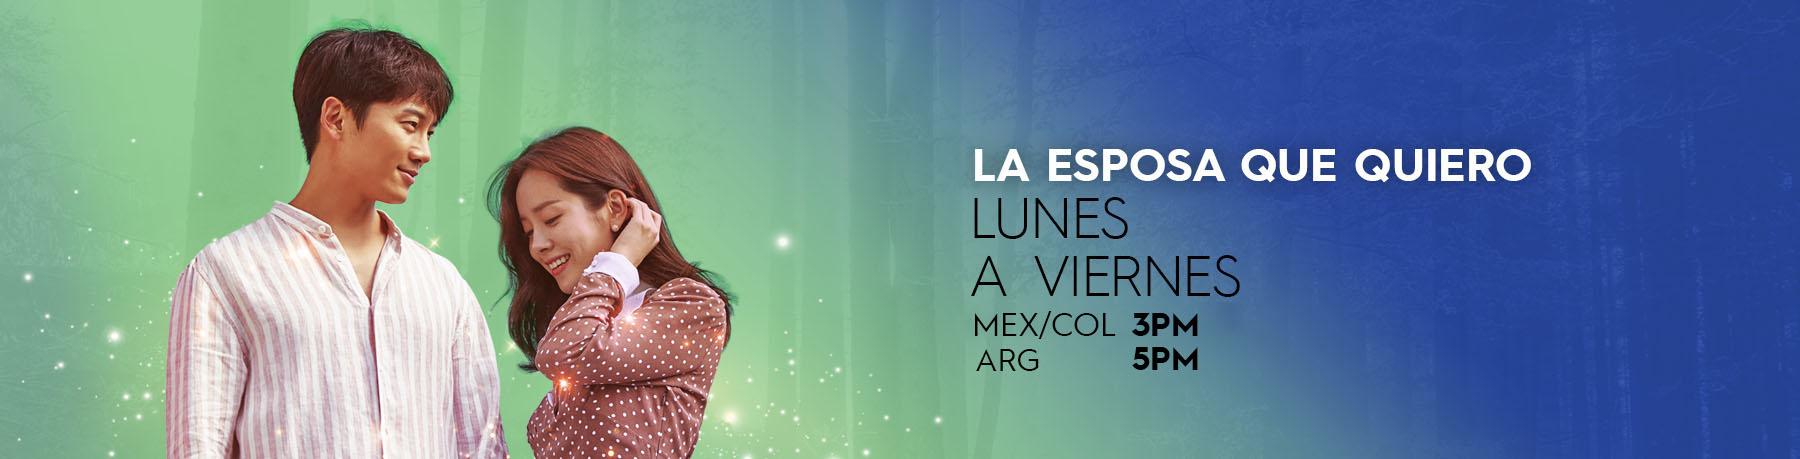 banner_web_us_esposa_que_quiero_1800x459px_generico